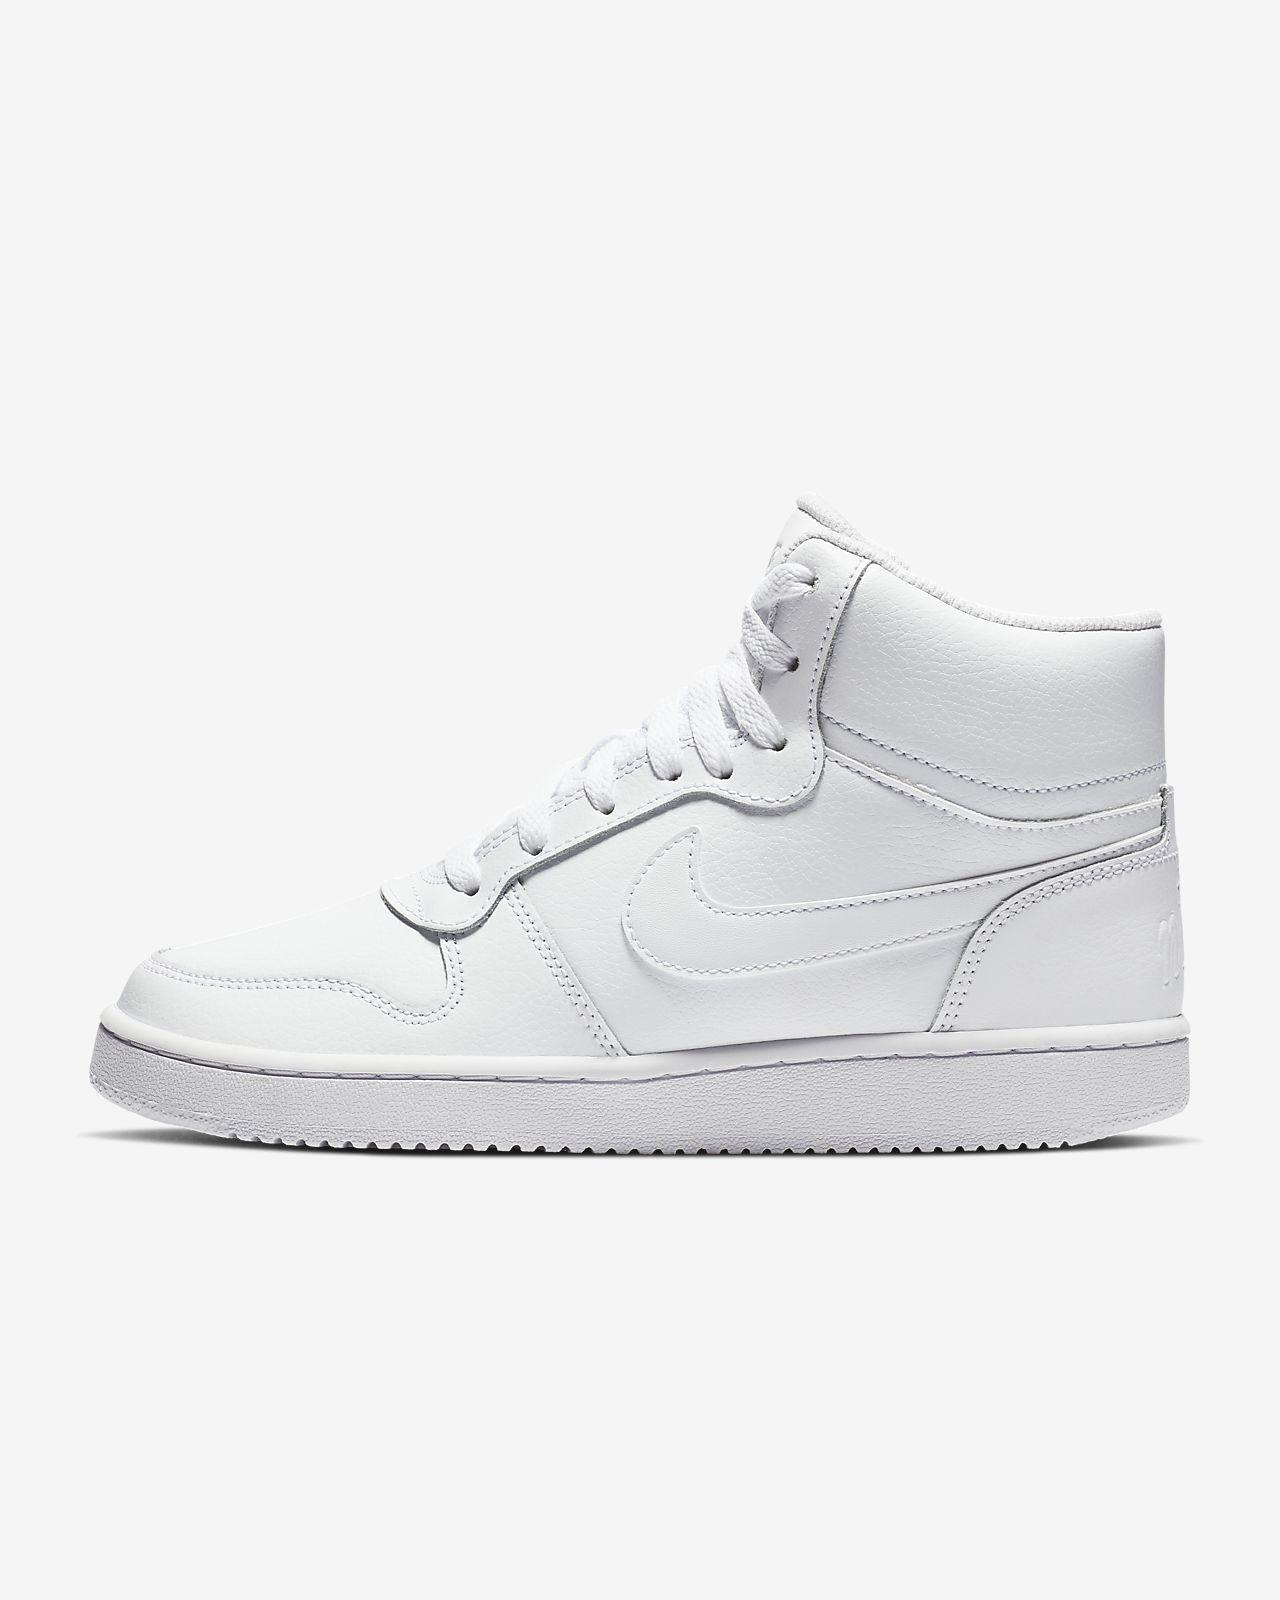 check out 353d4 df28e ... Nike Ebernon Mid Women s Shoe